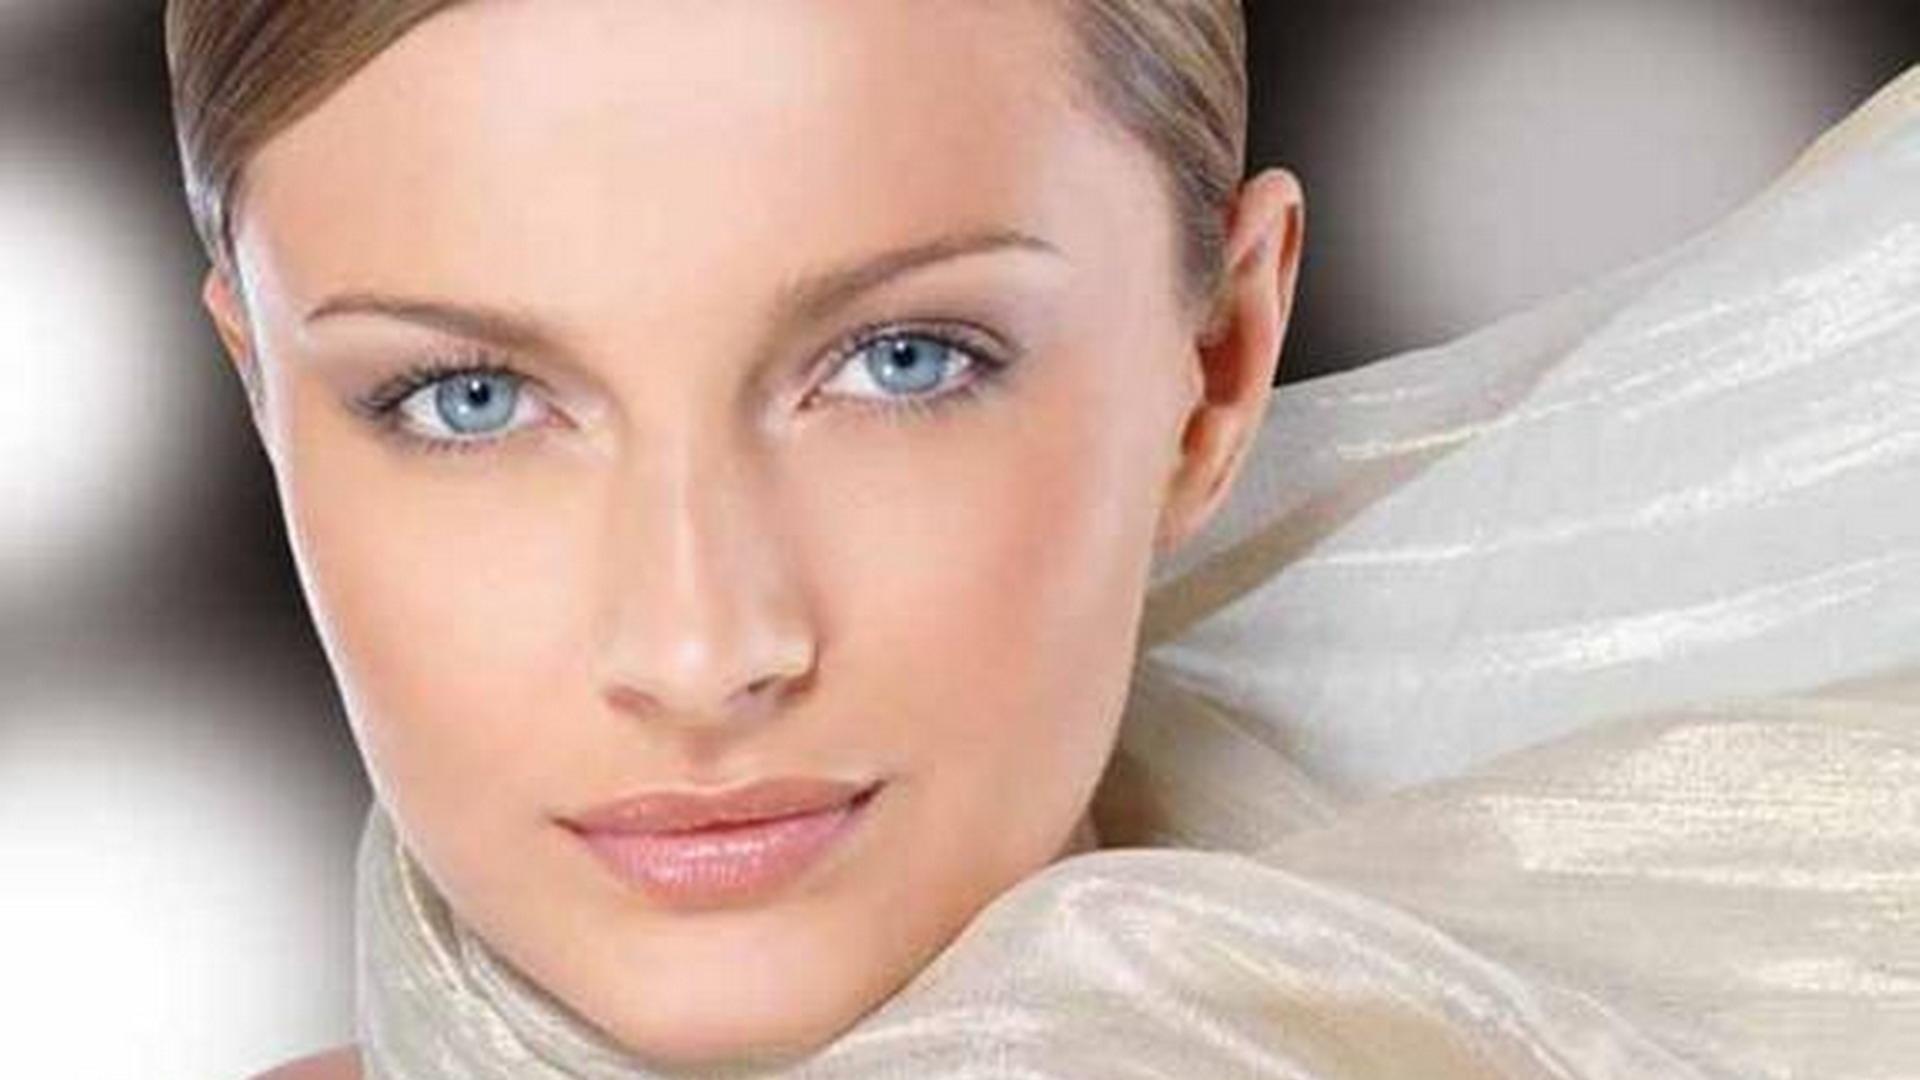 Естественный макияж как называется